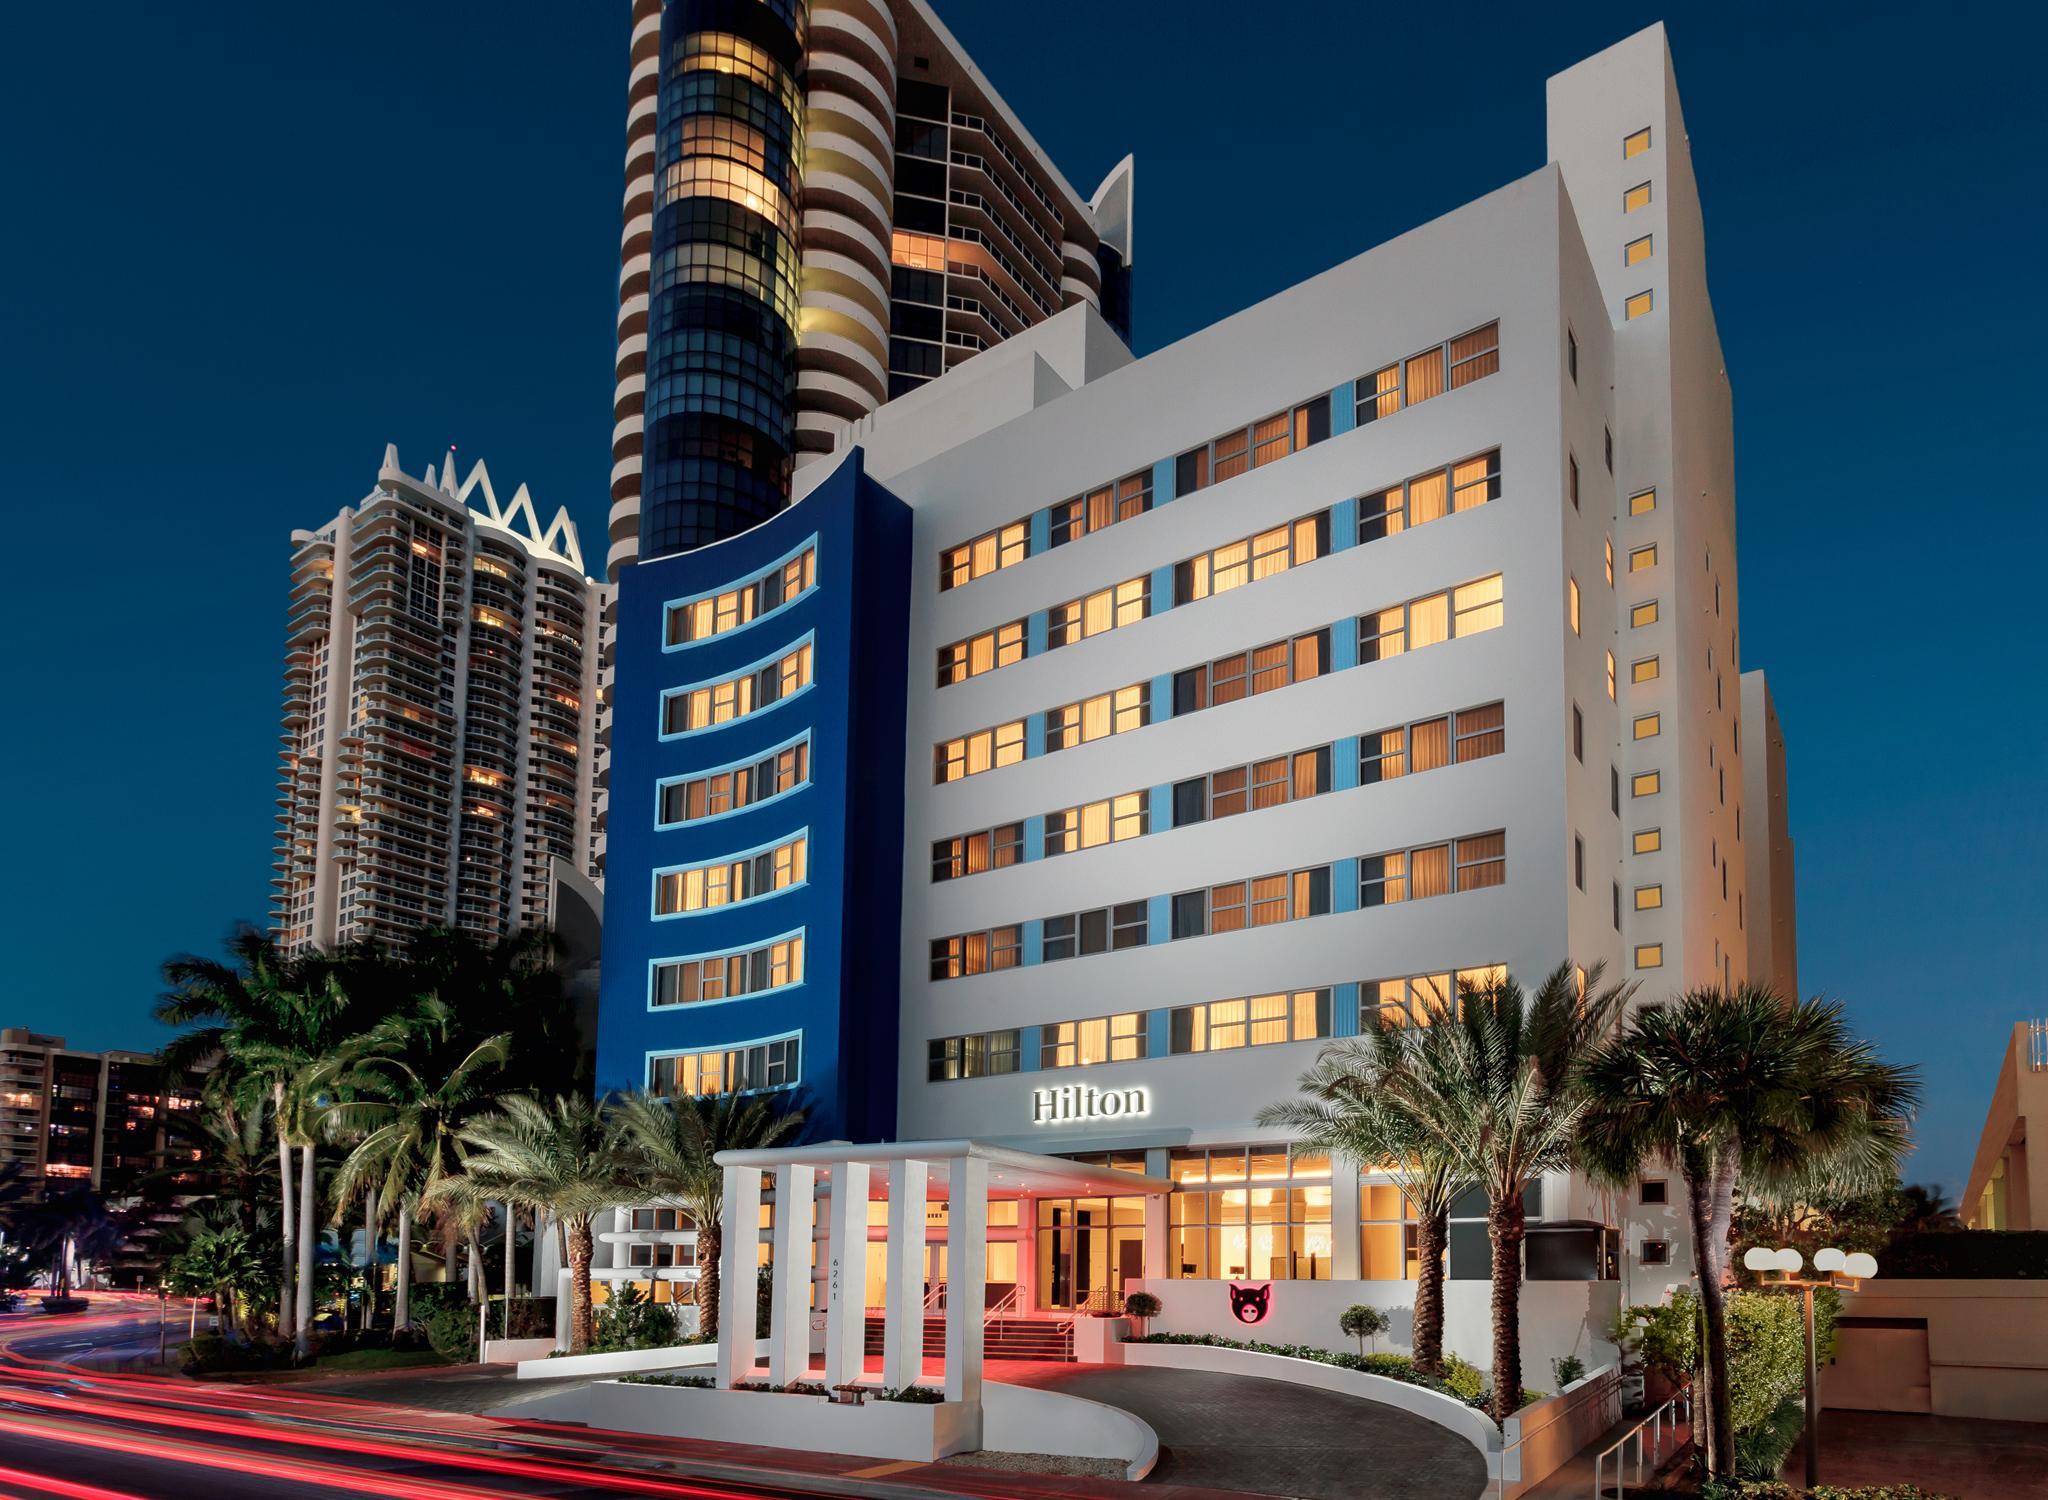 Hoteles en usa california nueva york miami hilton for Fachadas de hoteles de lujo